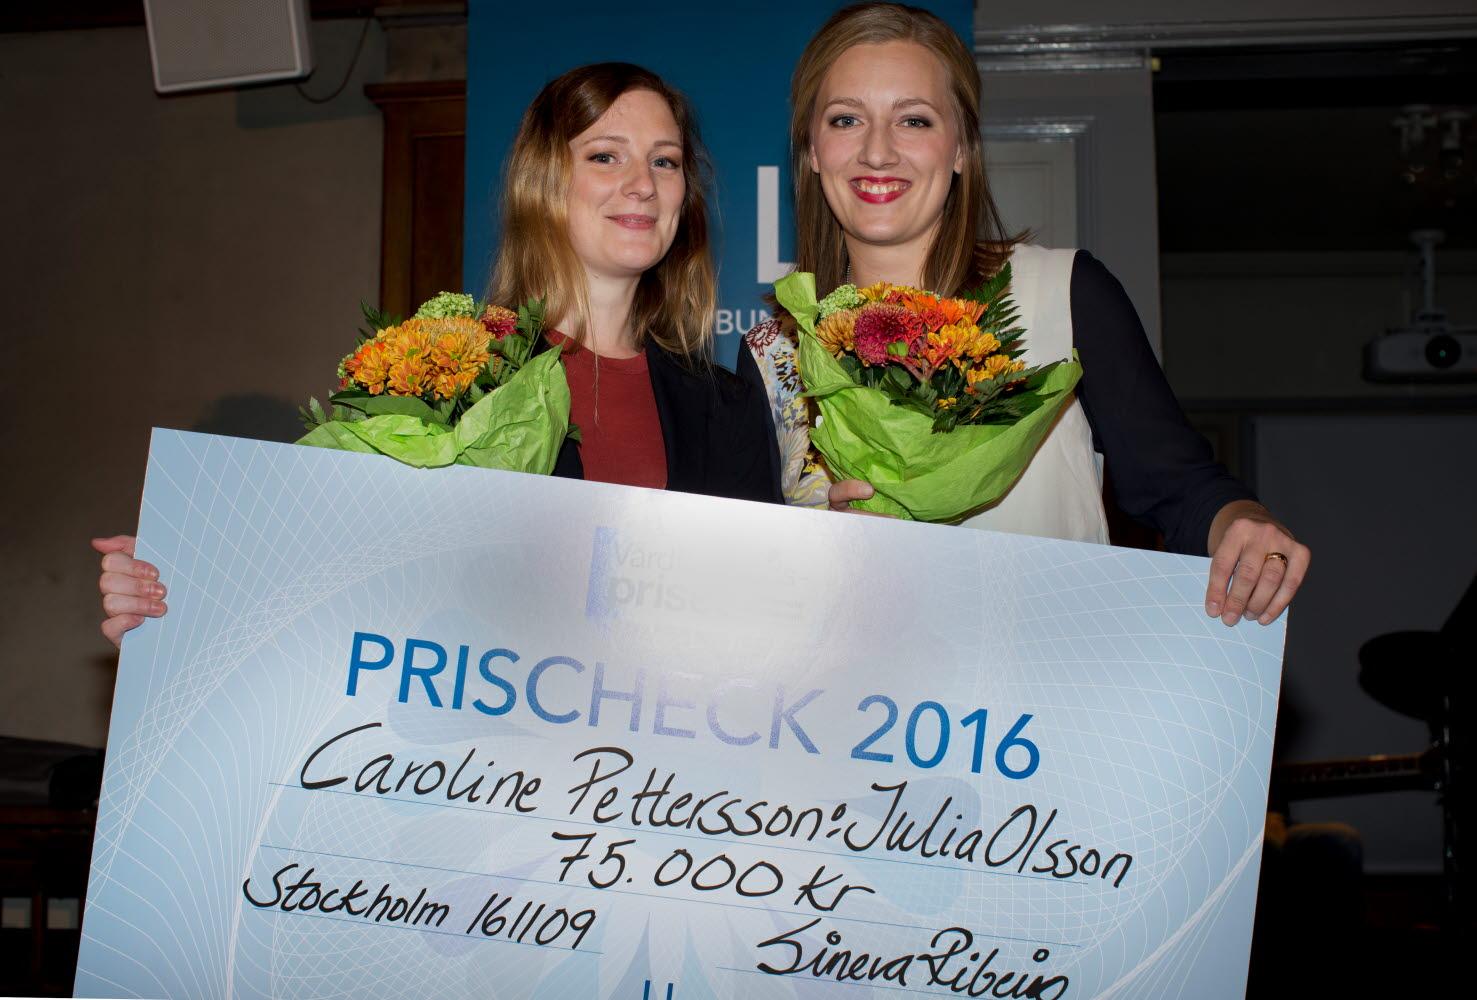 Caroline Pettersson och Julia Olsson, Vårdförbundspriset Vårdgalan 2016